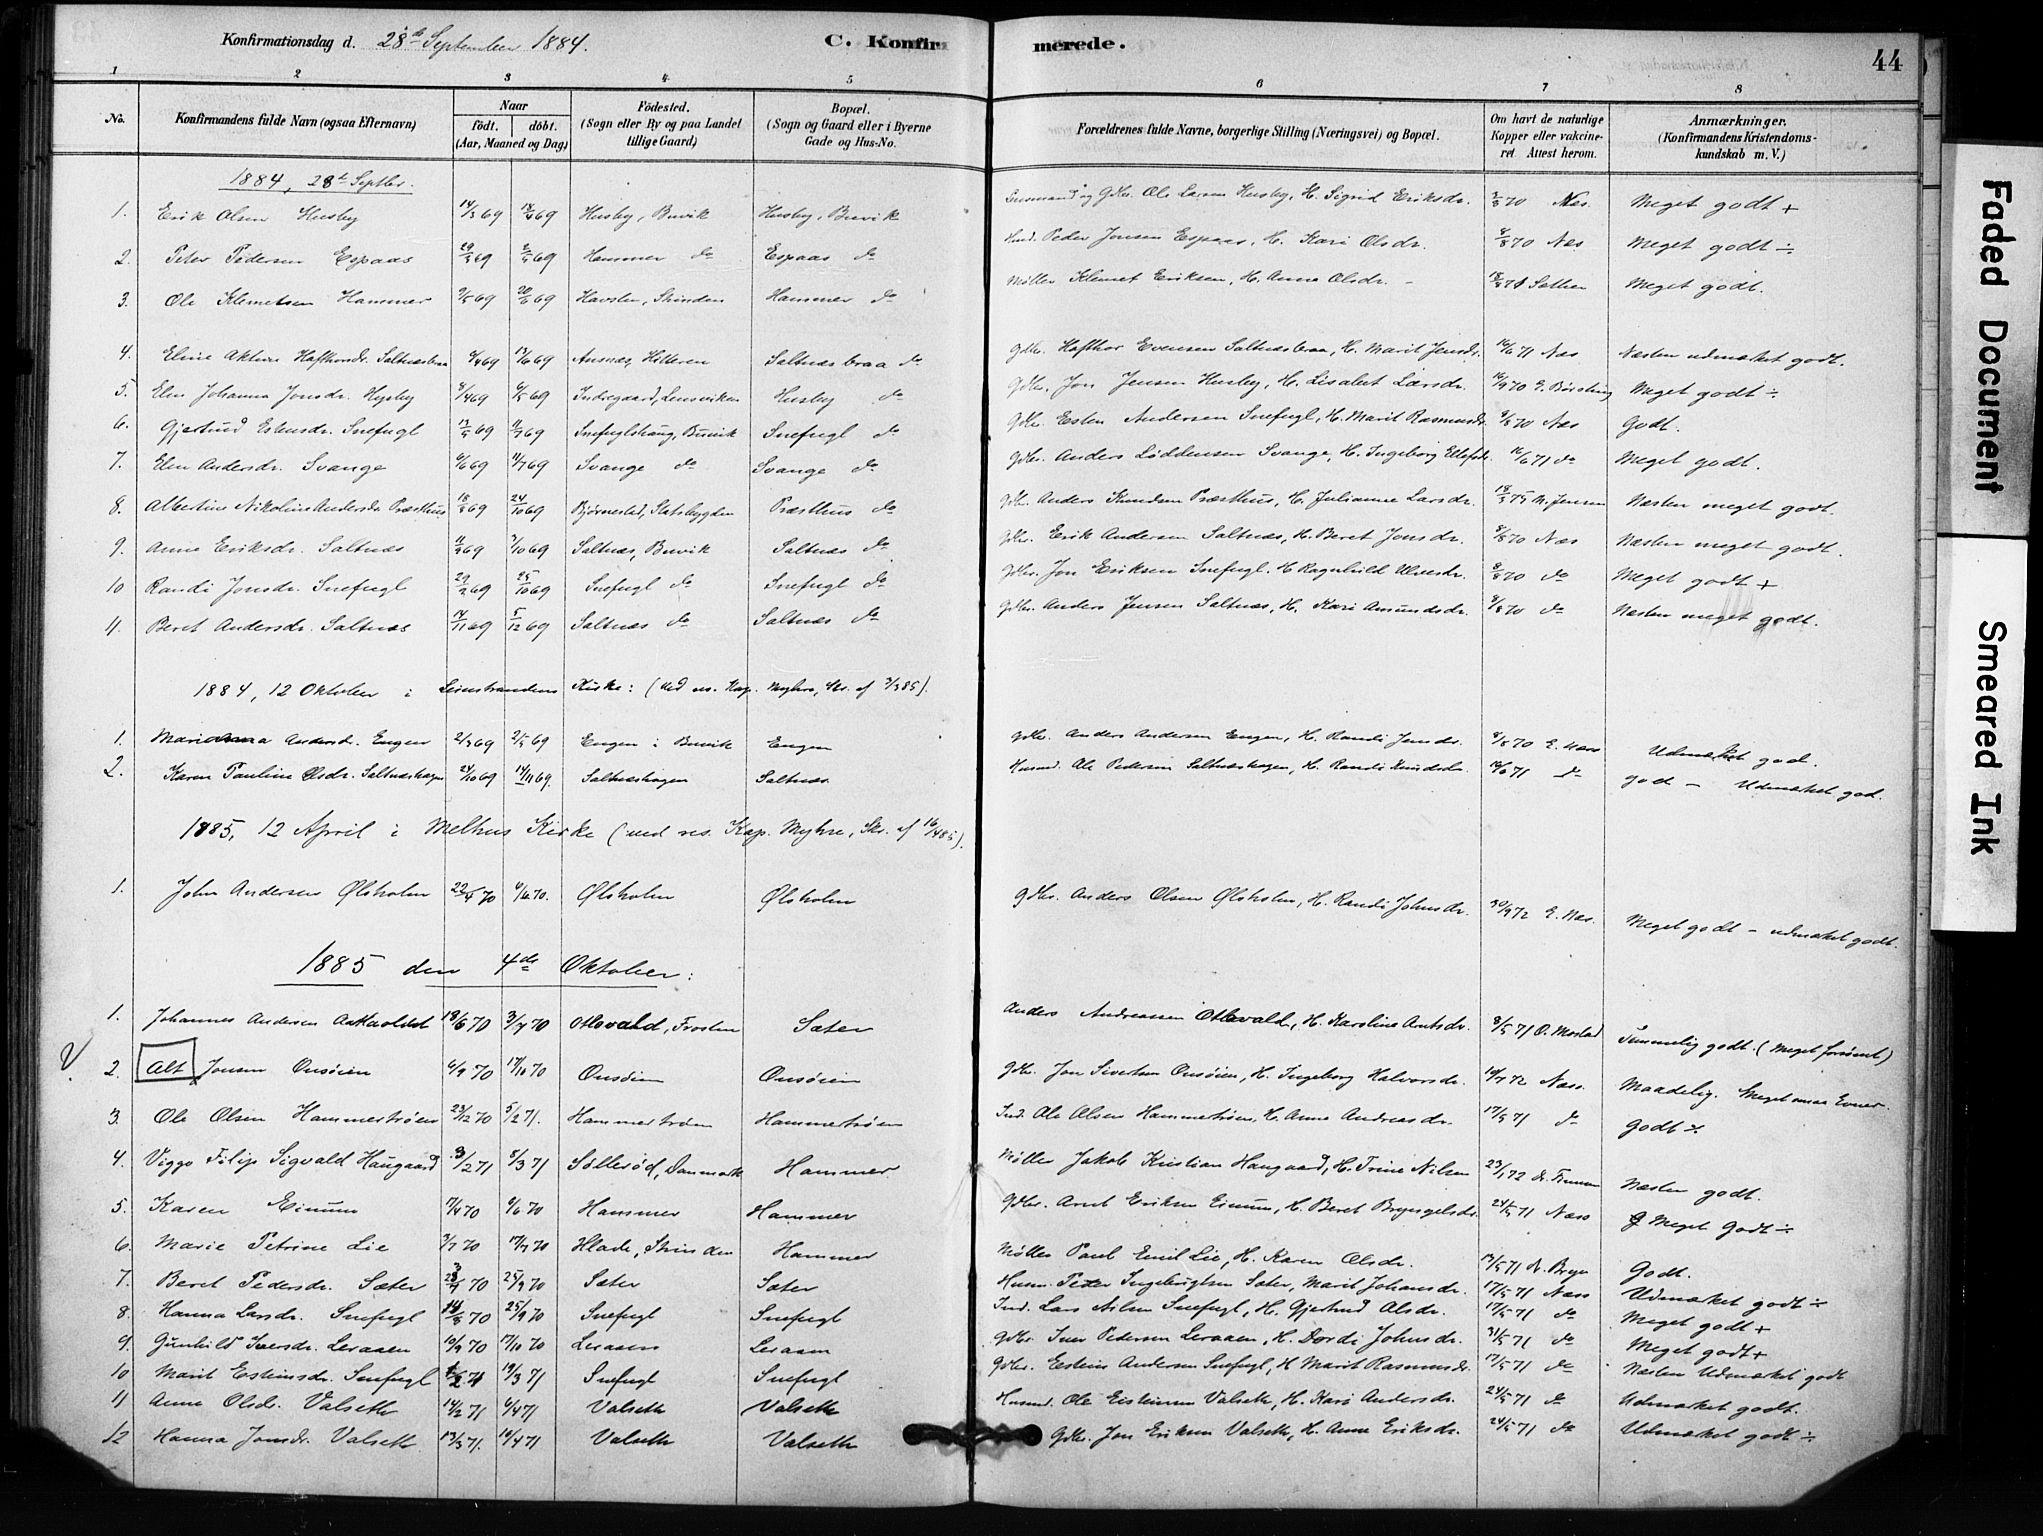 SAT, Ministerialprotokoller, klokkerbøker og fødselsregistre - Sør-Trøndelag, 666/L0786: Ministerialbok nr. 666A04, 1878-1895, s. 44